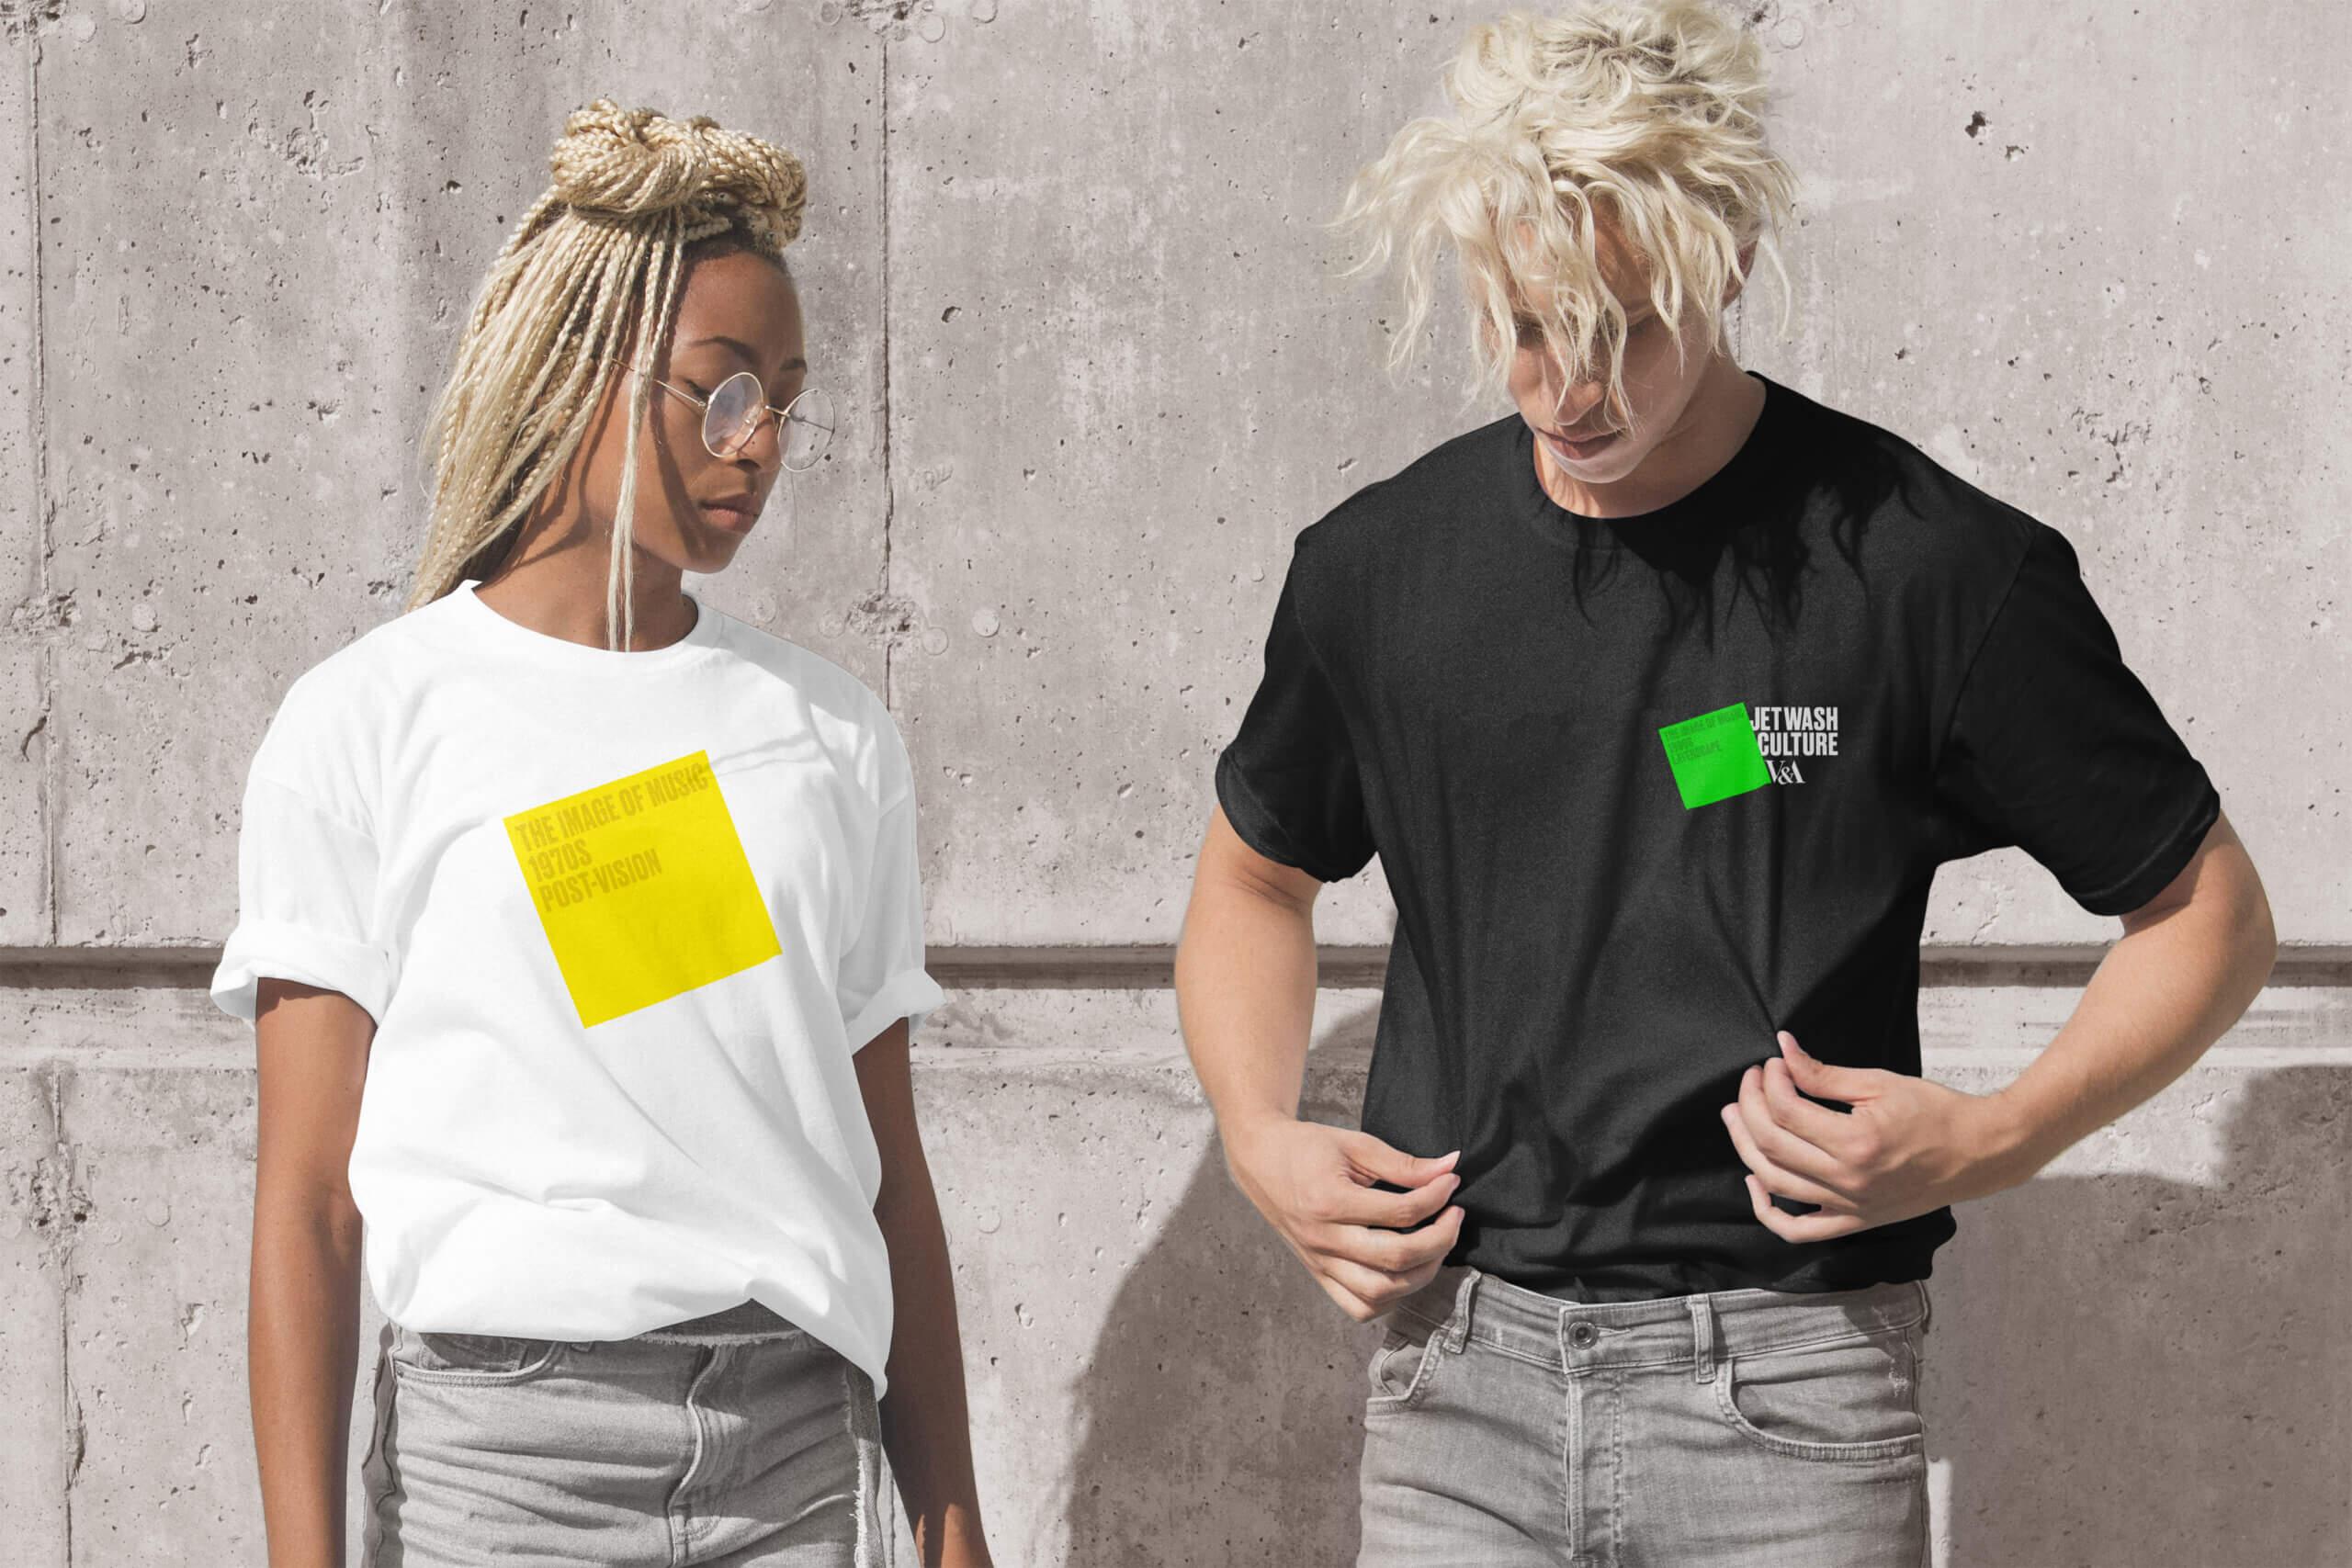 Jetwash_tshirts